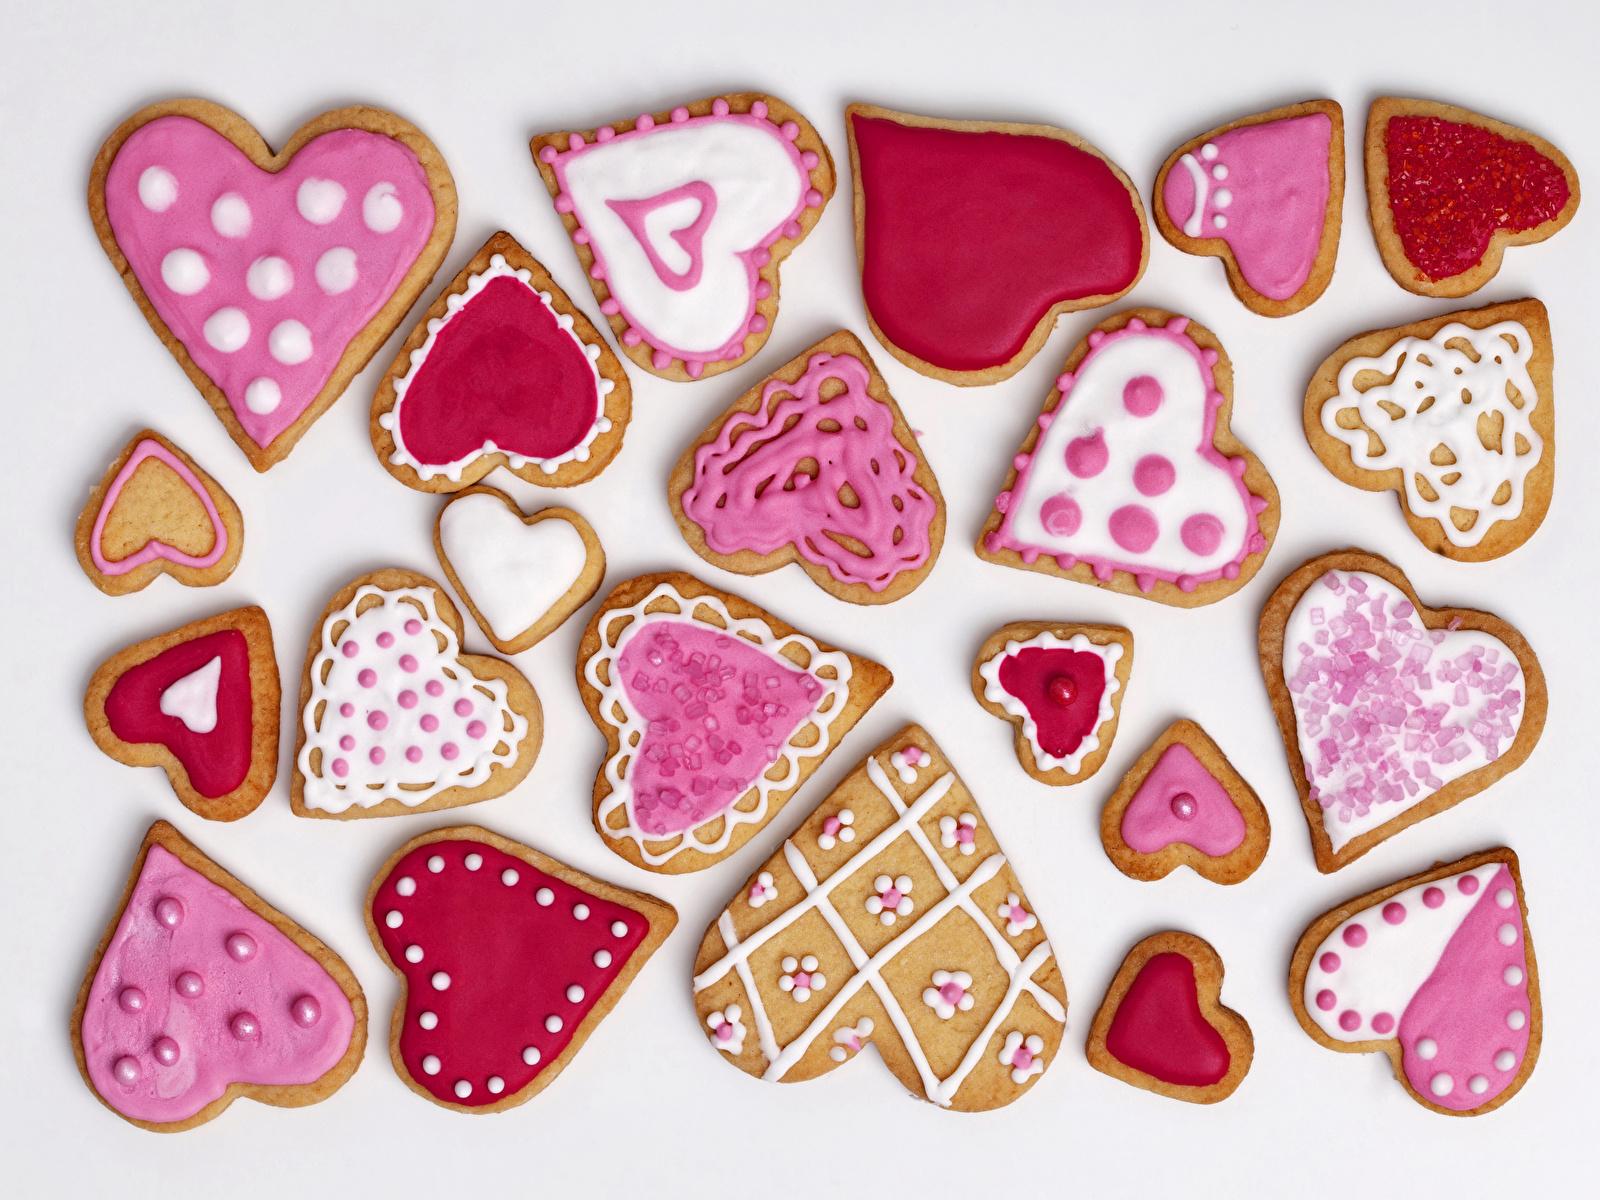 Bilder Valentinstag Herz Kekse Lebensmittel Feiertage Weißer hintergrund Design 1600x1200